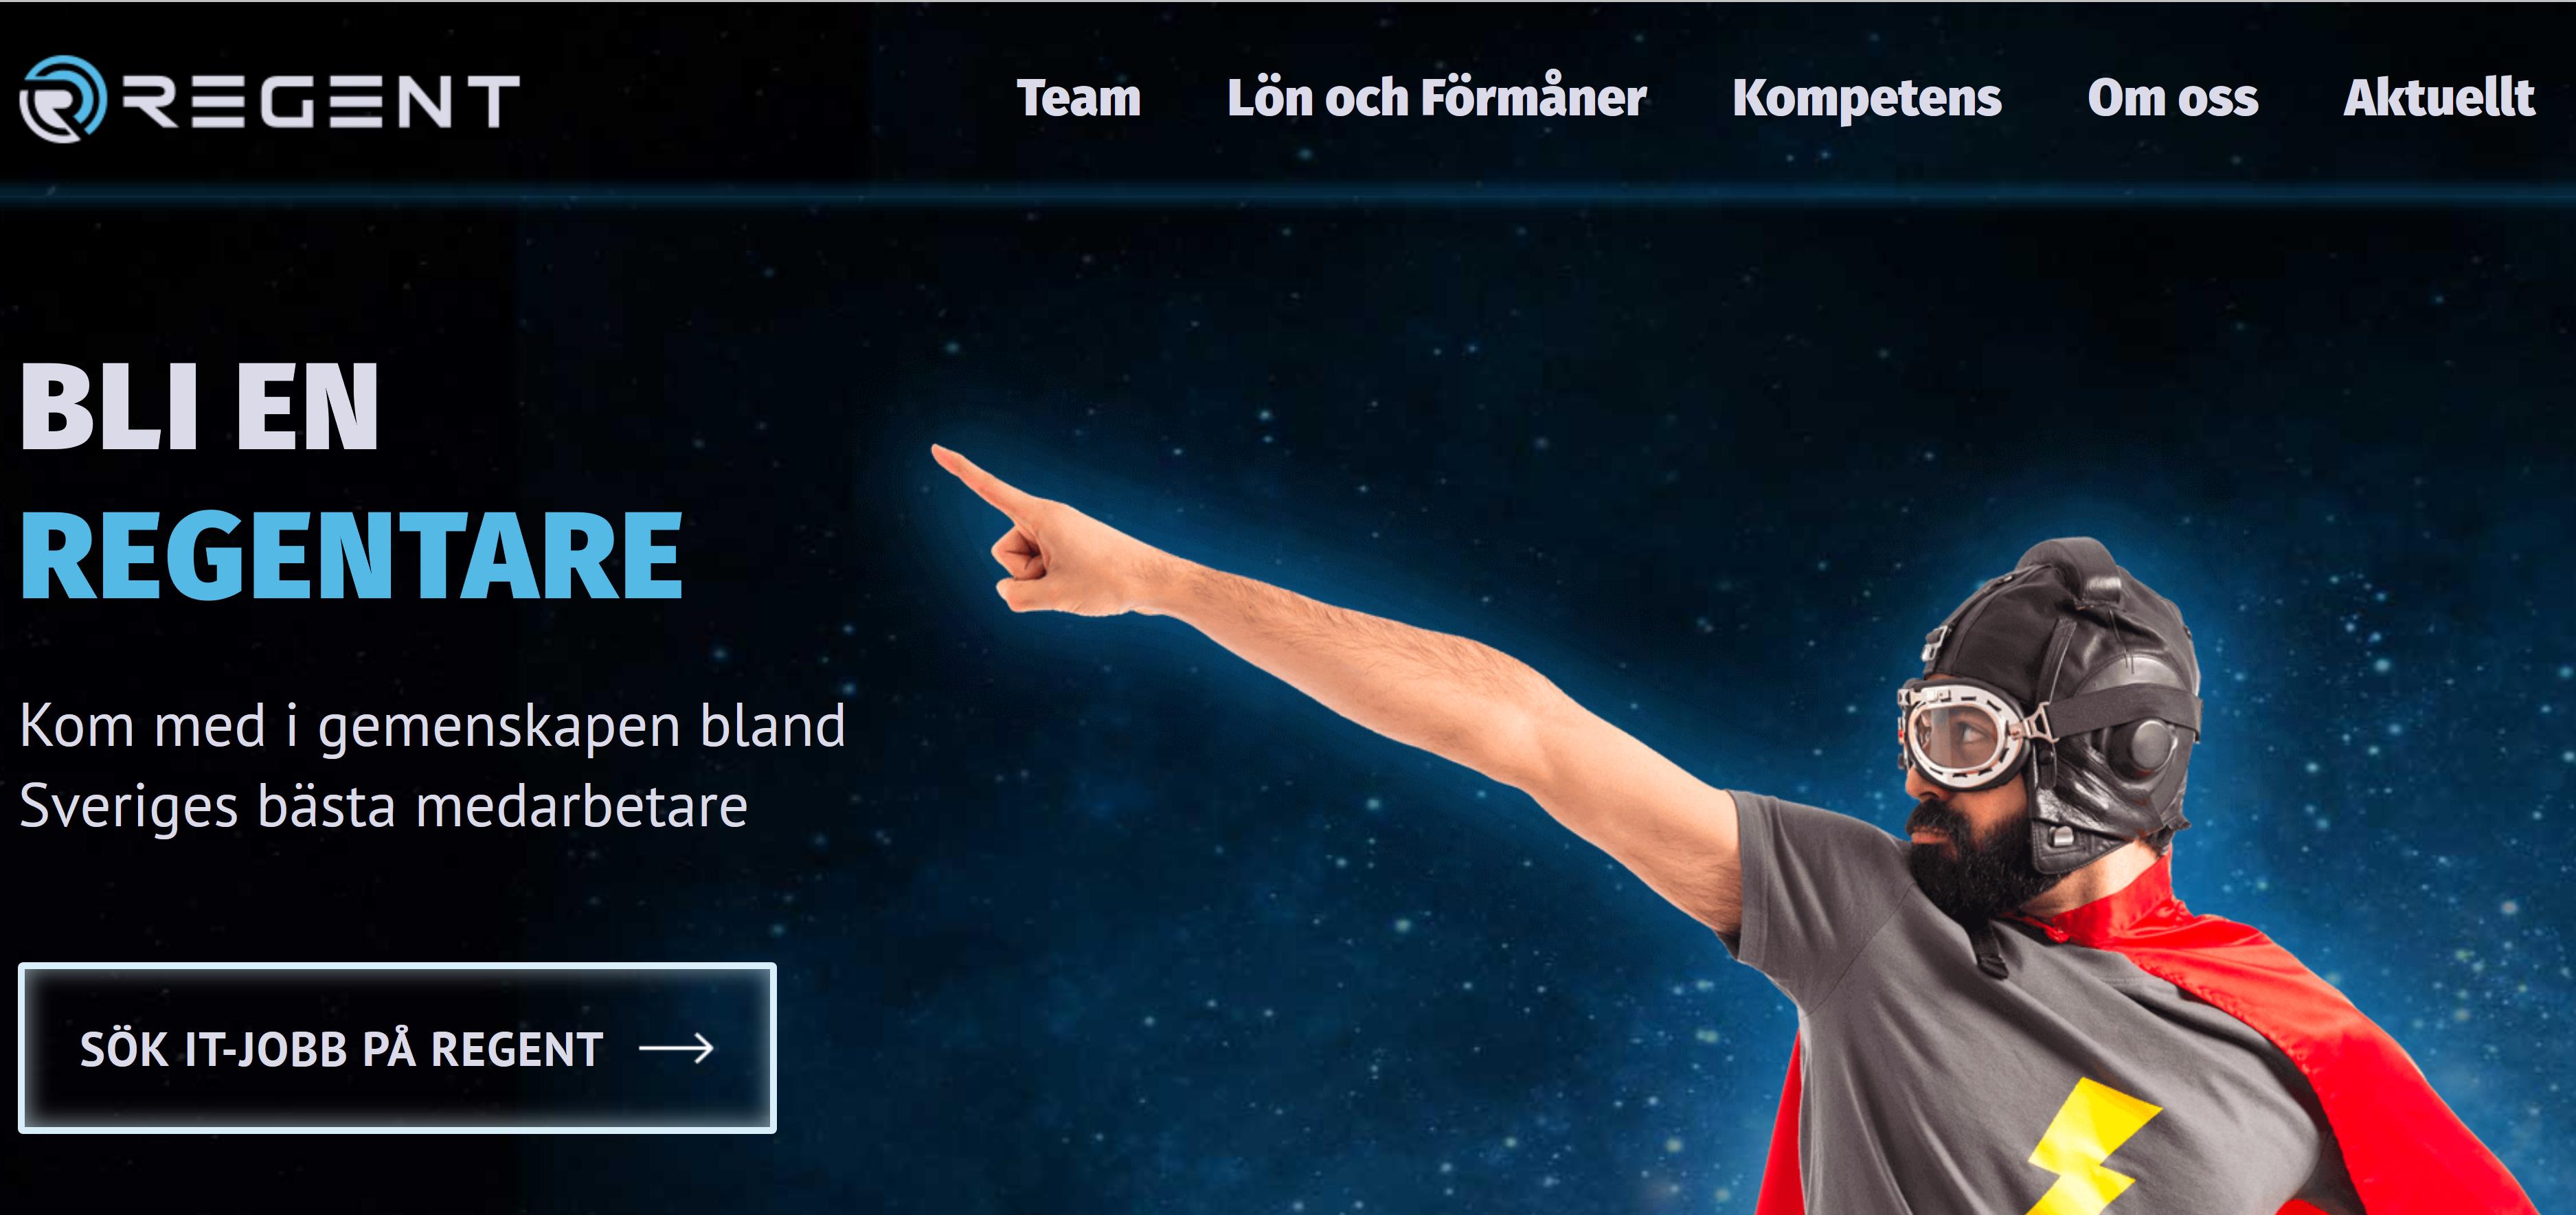 Recruitment portal for a swedish company